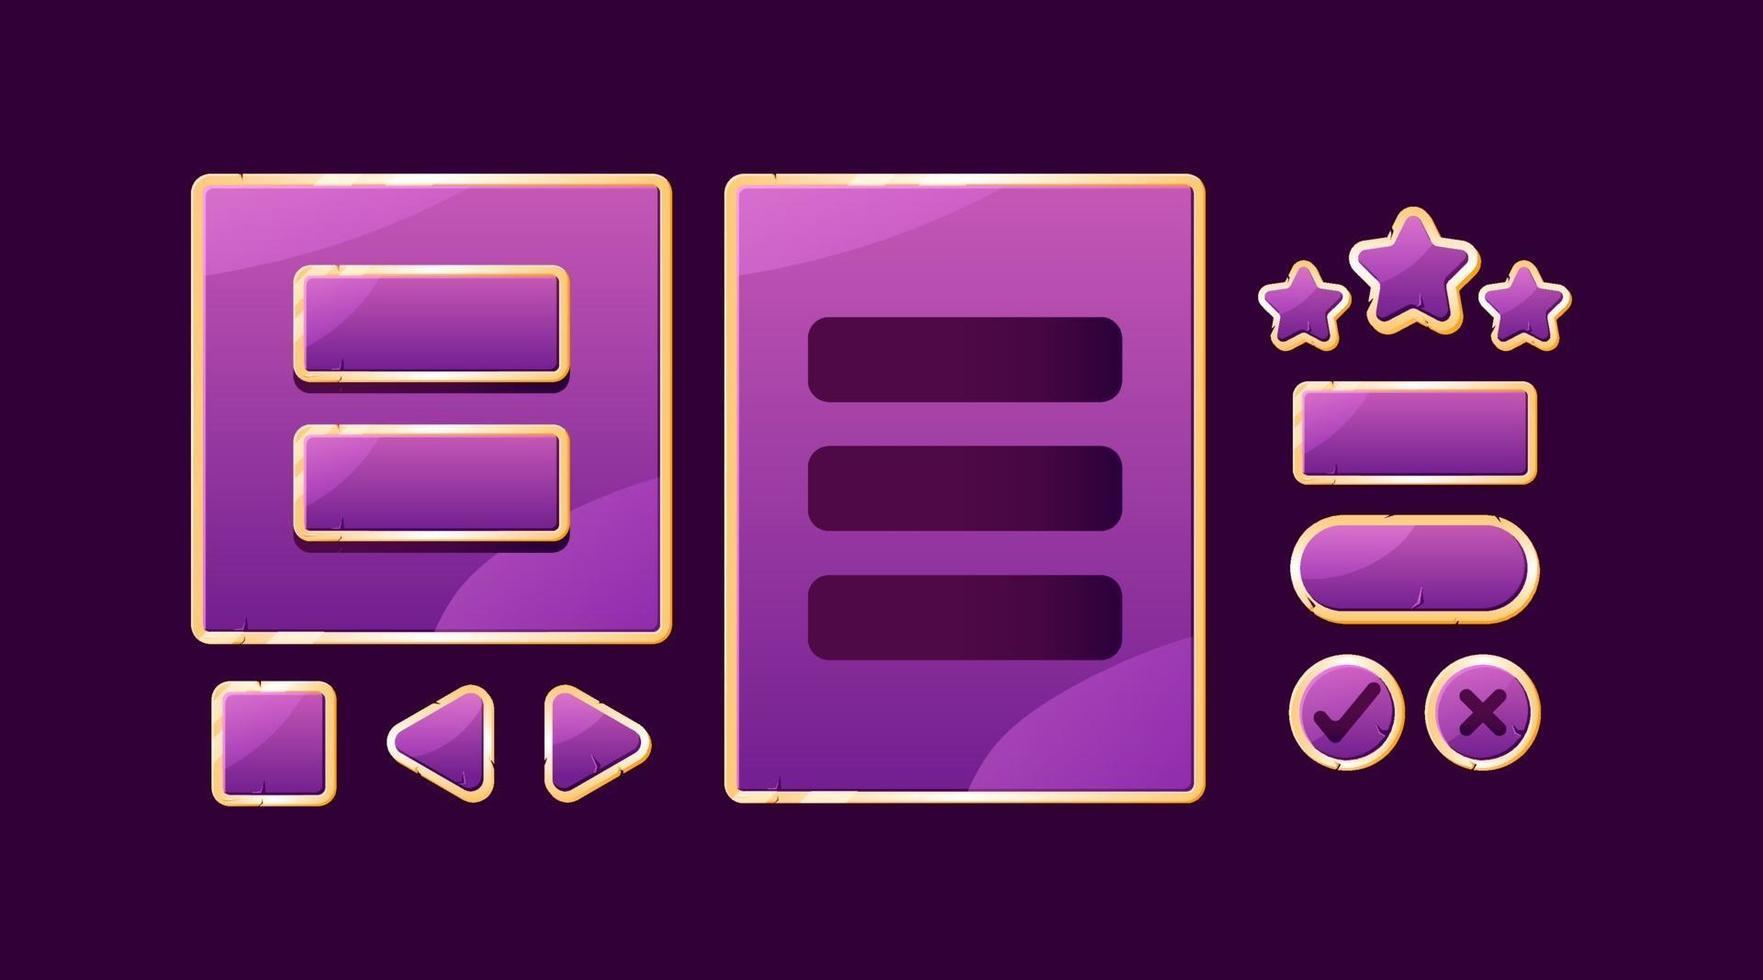 conjunto de placa de interface do usuário de jogo roxo dourado pop-up e botão para ilustração vetorial de elementos de ativos de interface vetor